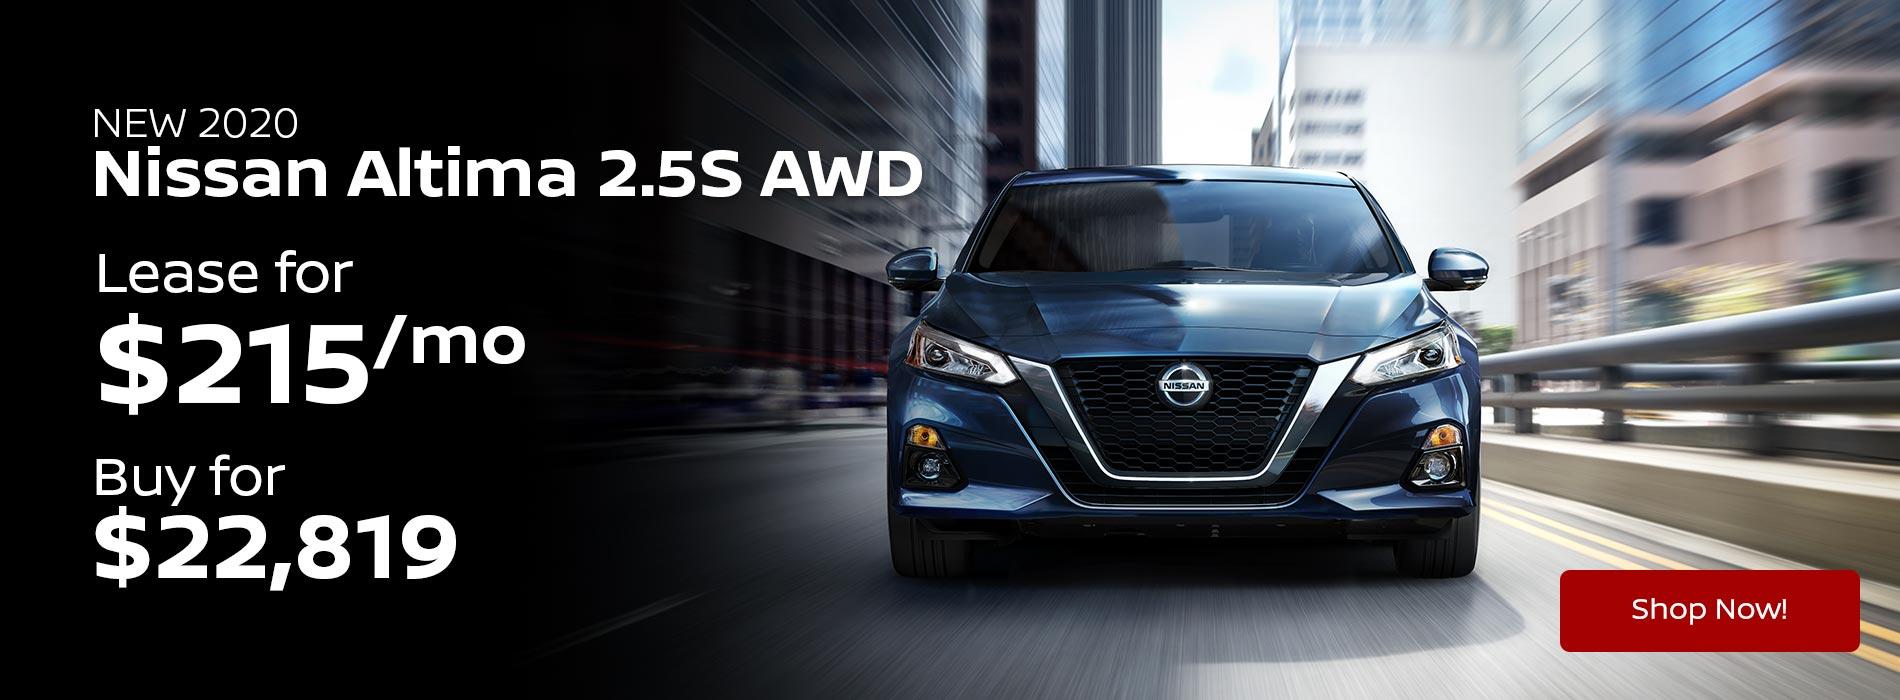 2020 Nissan Altima 2.5S AWD